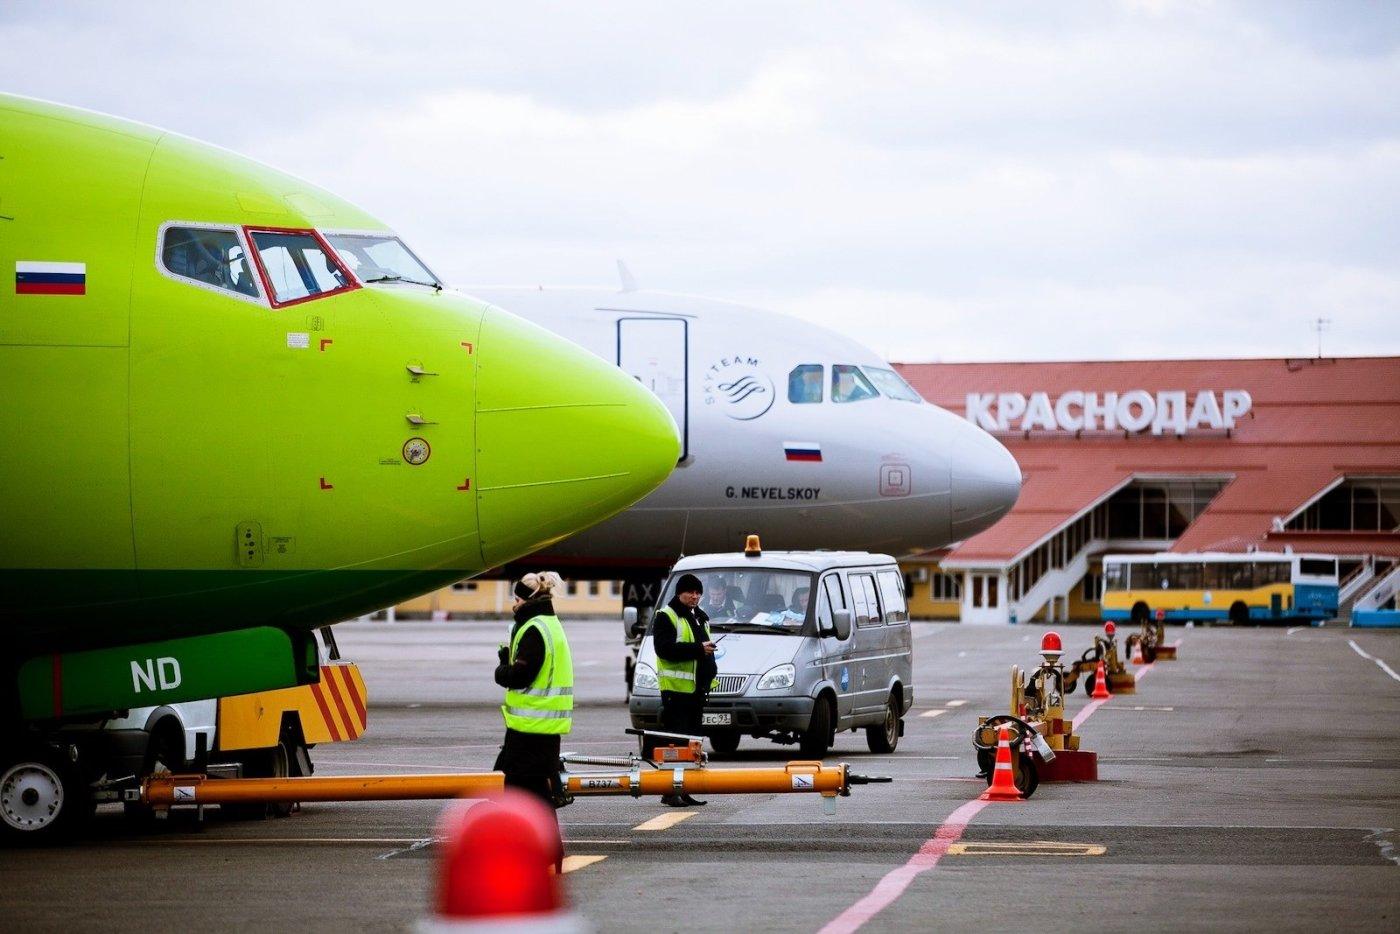 Самолет из Международного аэропорта «Брянск» в Краснодар не вылетел из-за поломки